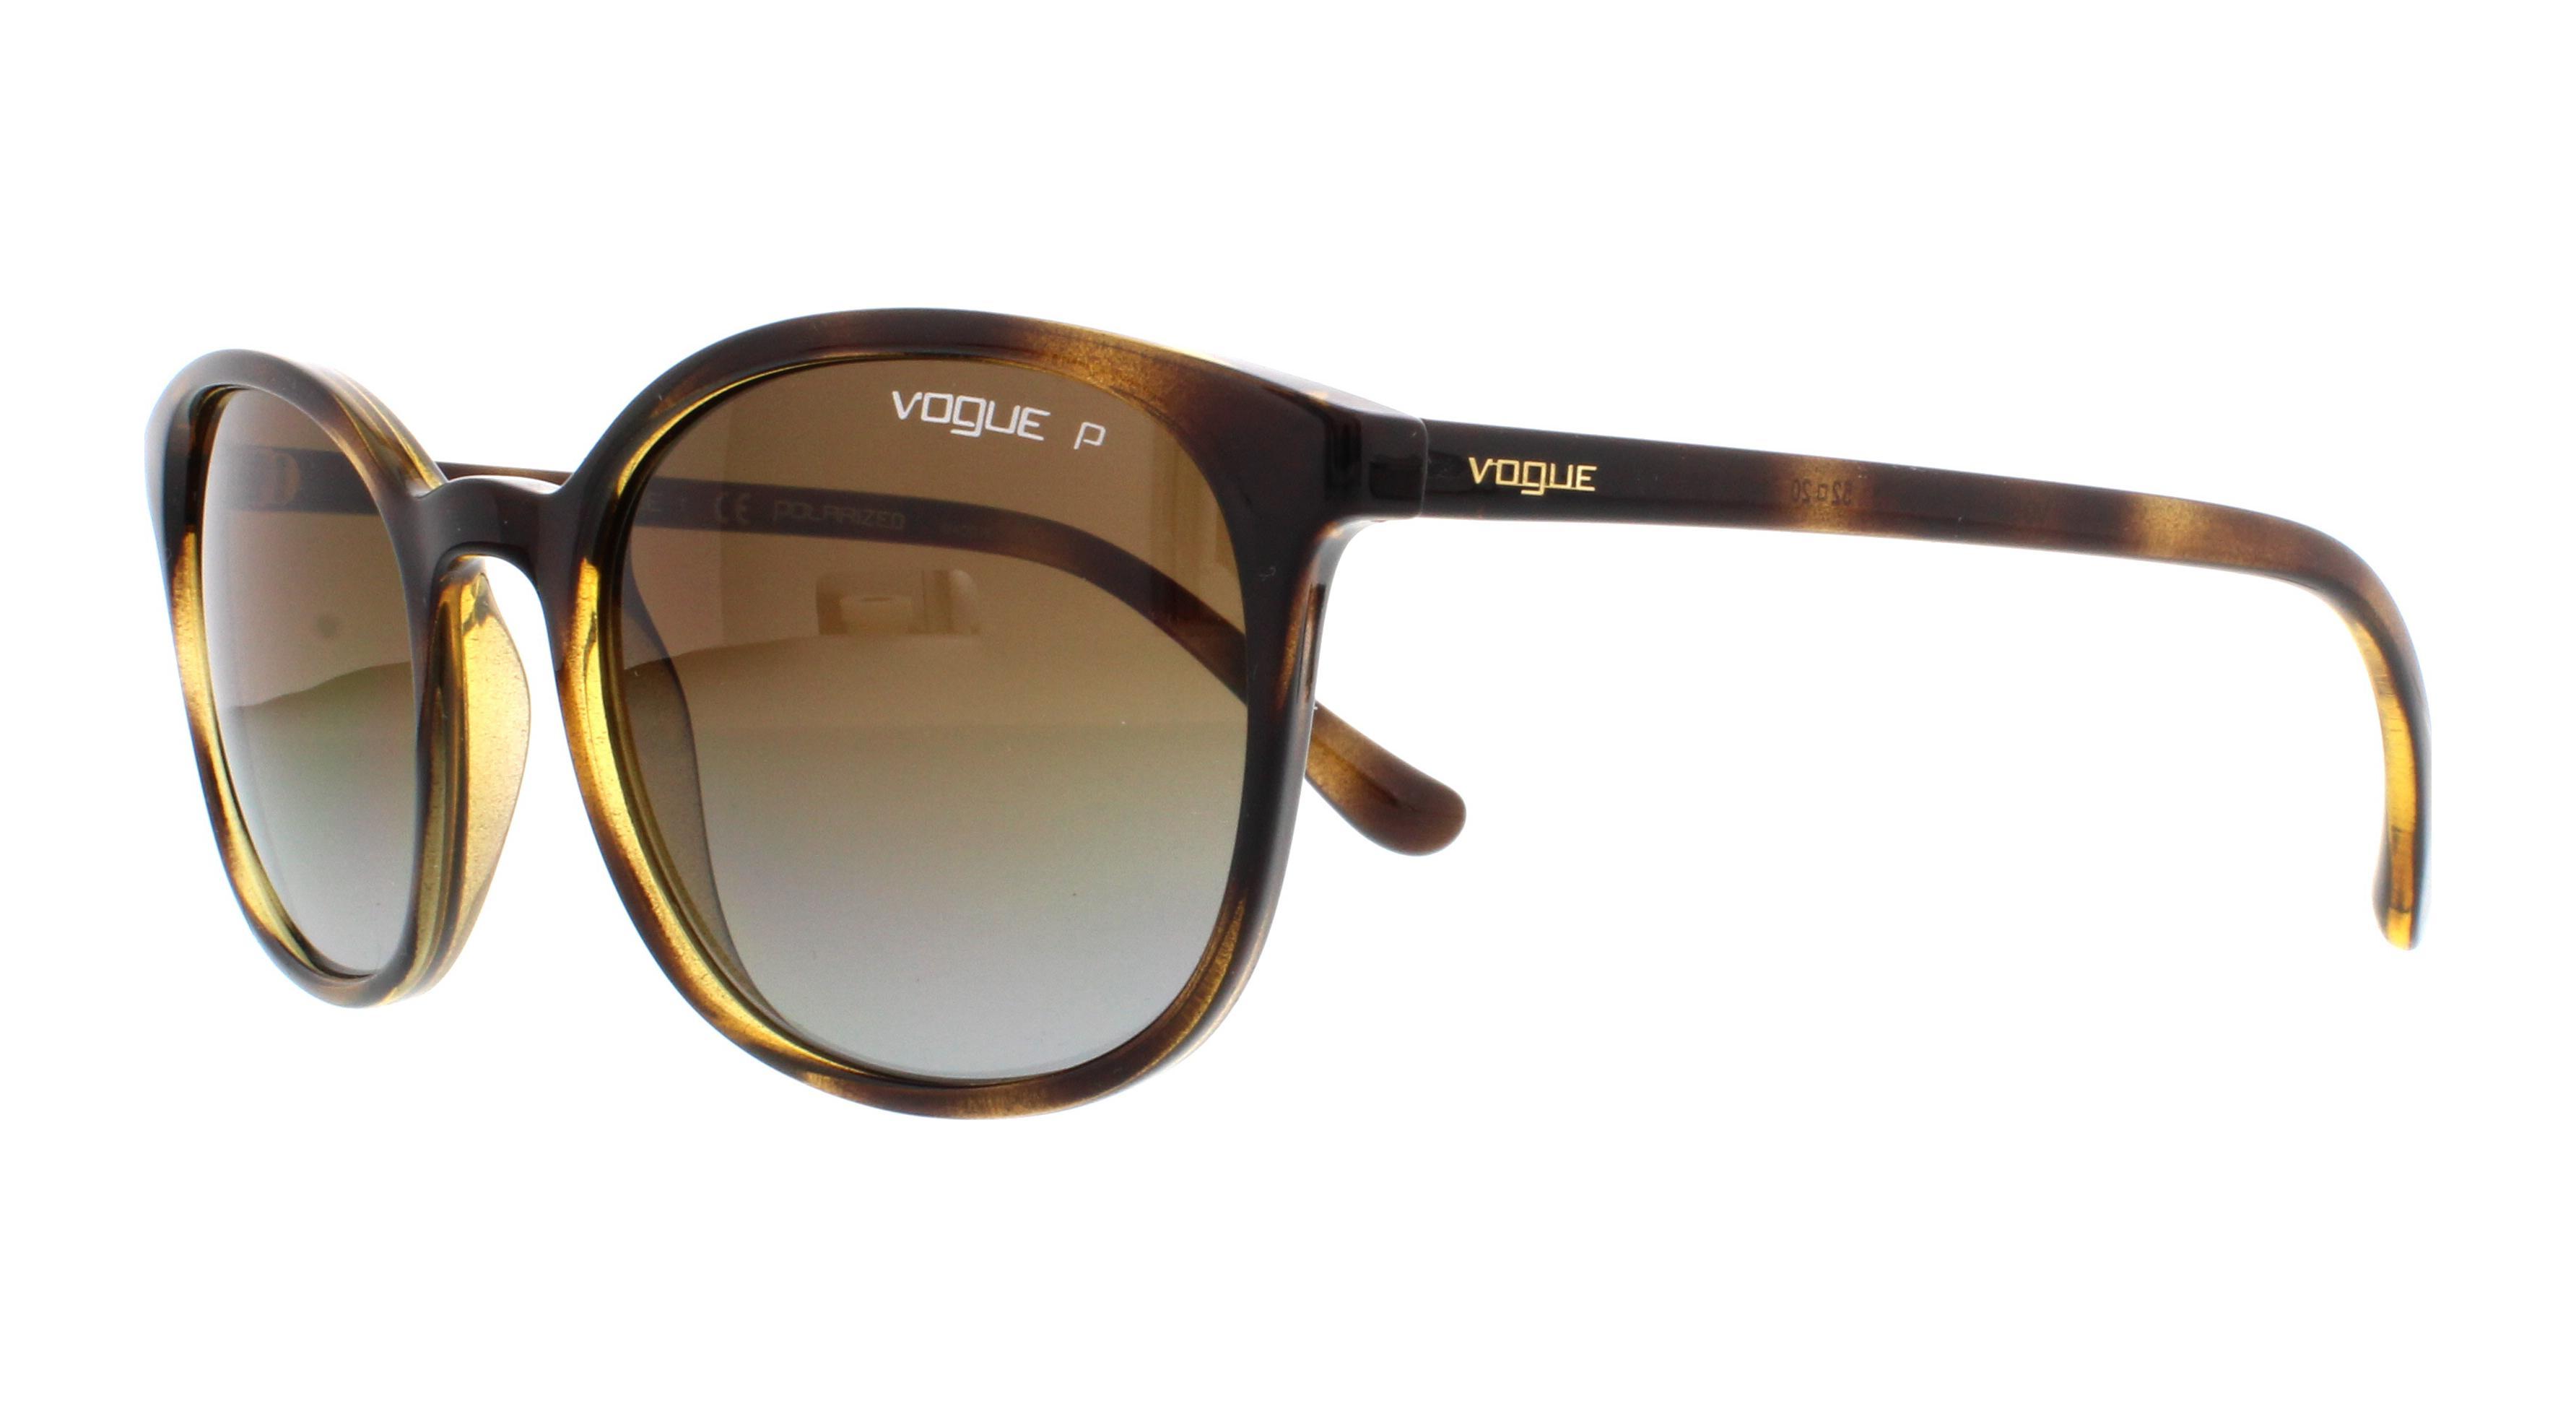 Vogue Vo5051s W656t5 52-20 wslx1JrglY